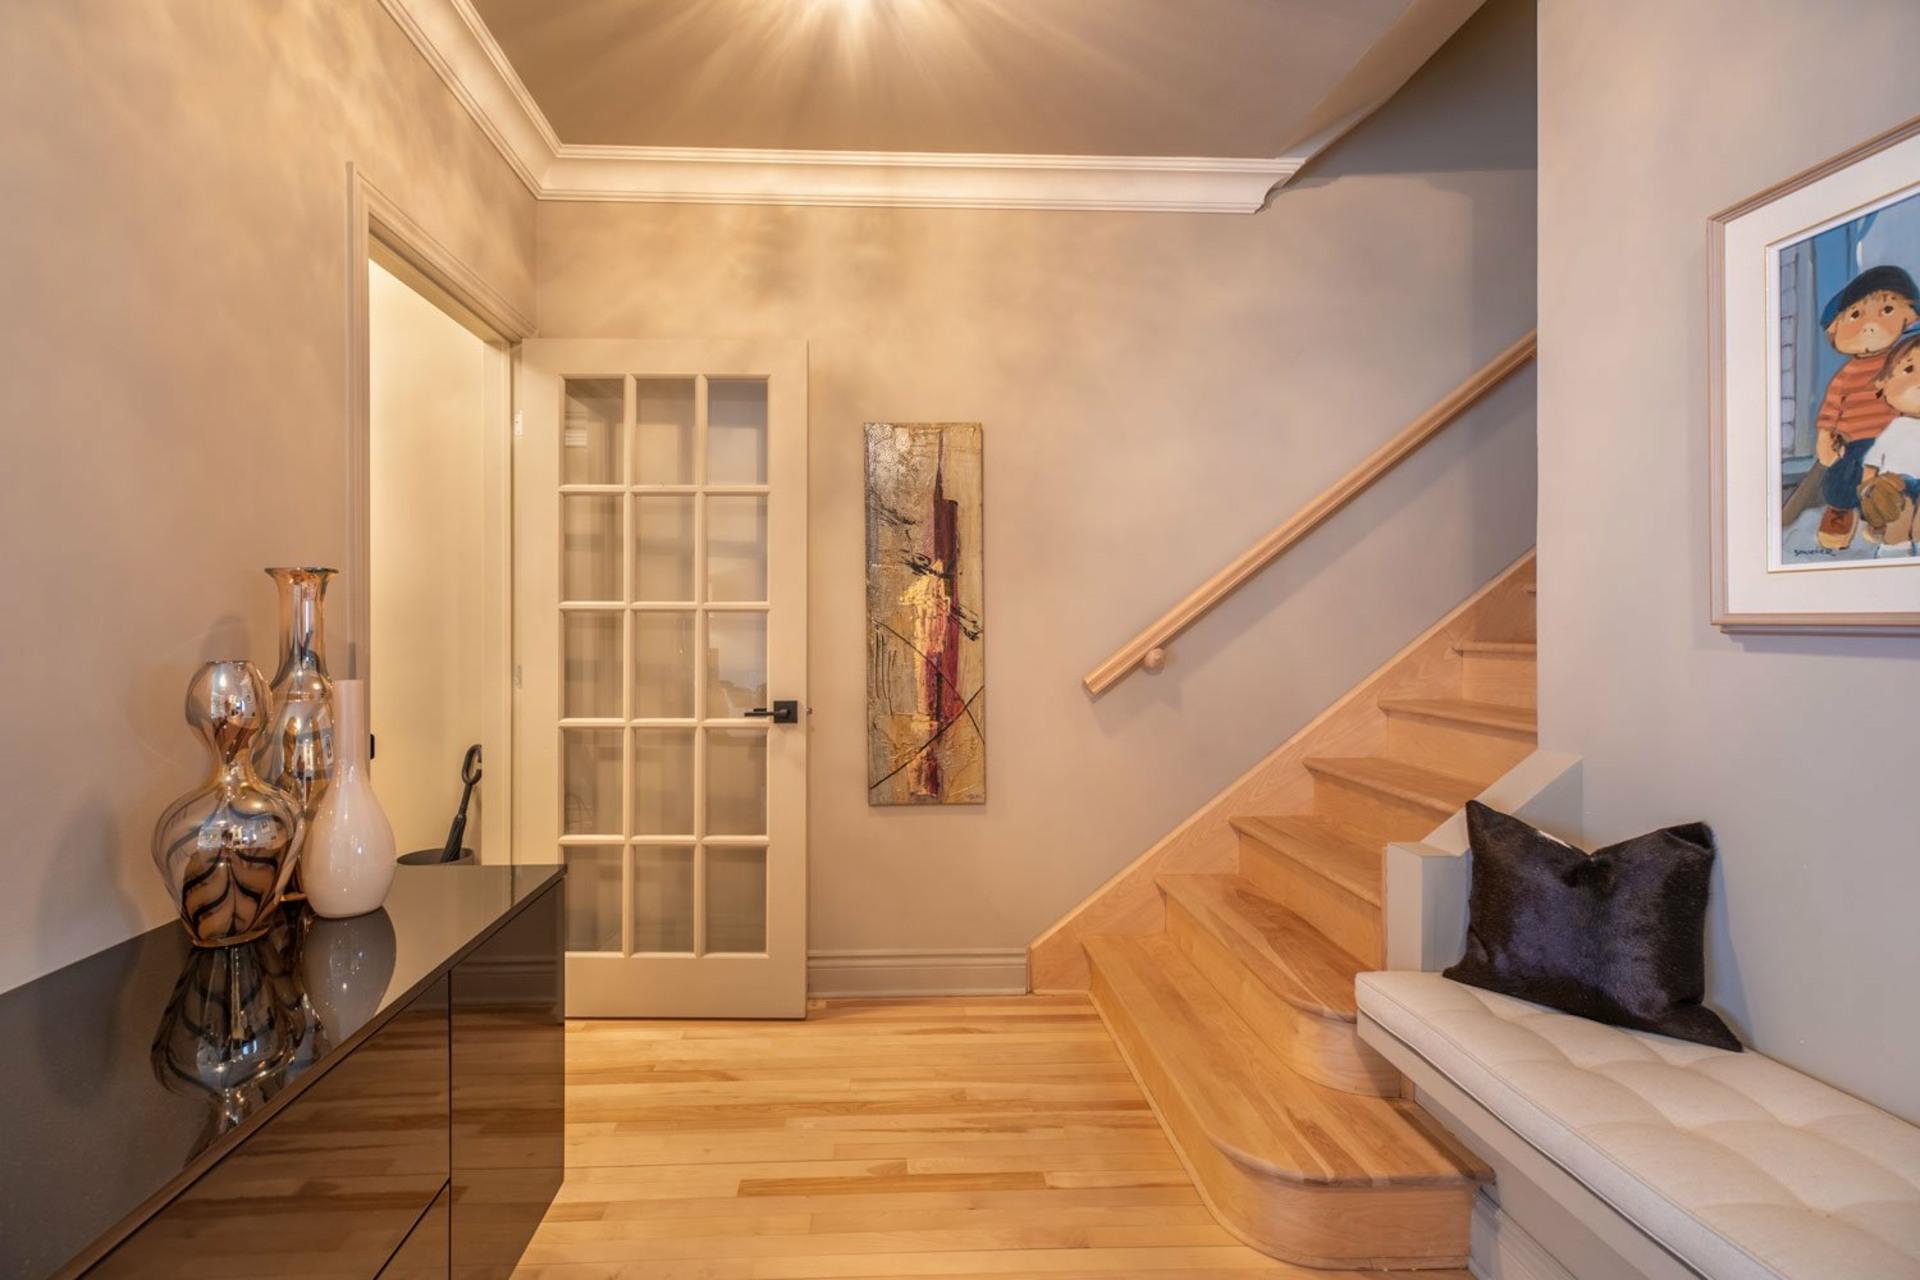 image 9 - Maison À vendre Ahuntsic-Cartierville Montréal  - 8 pièces